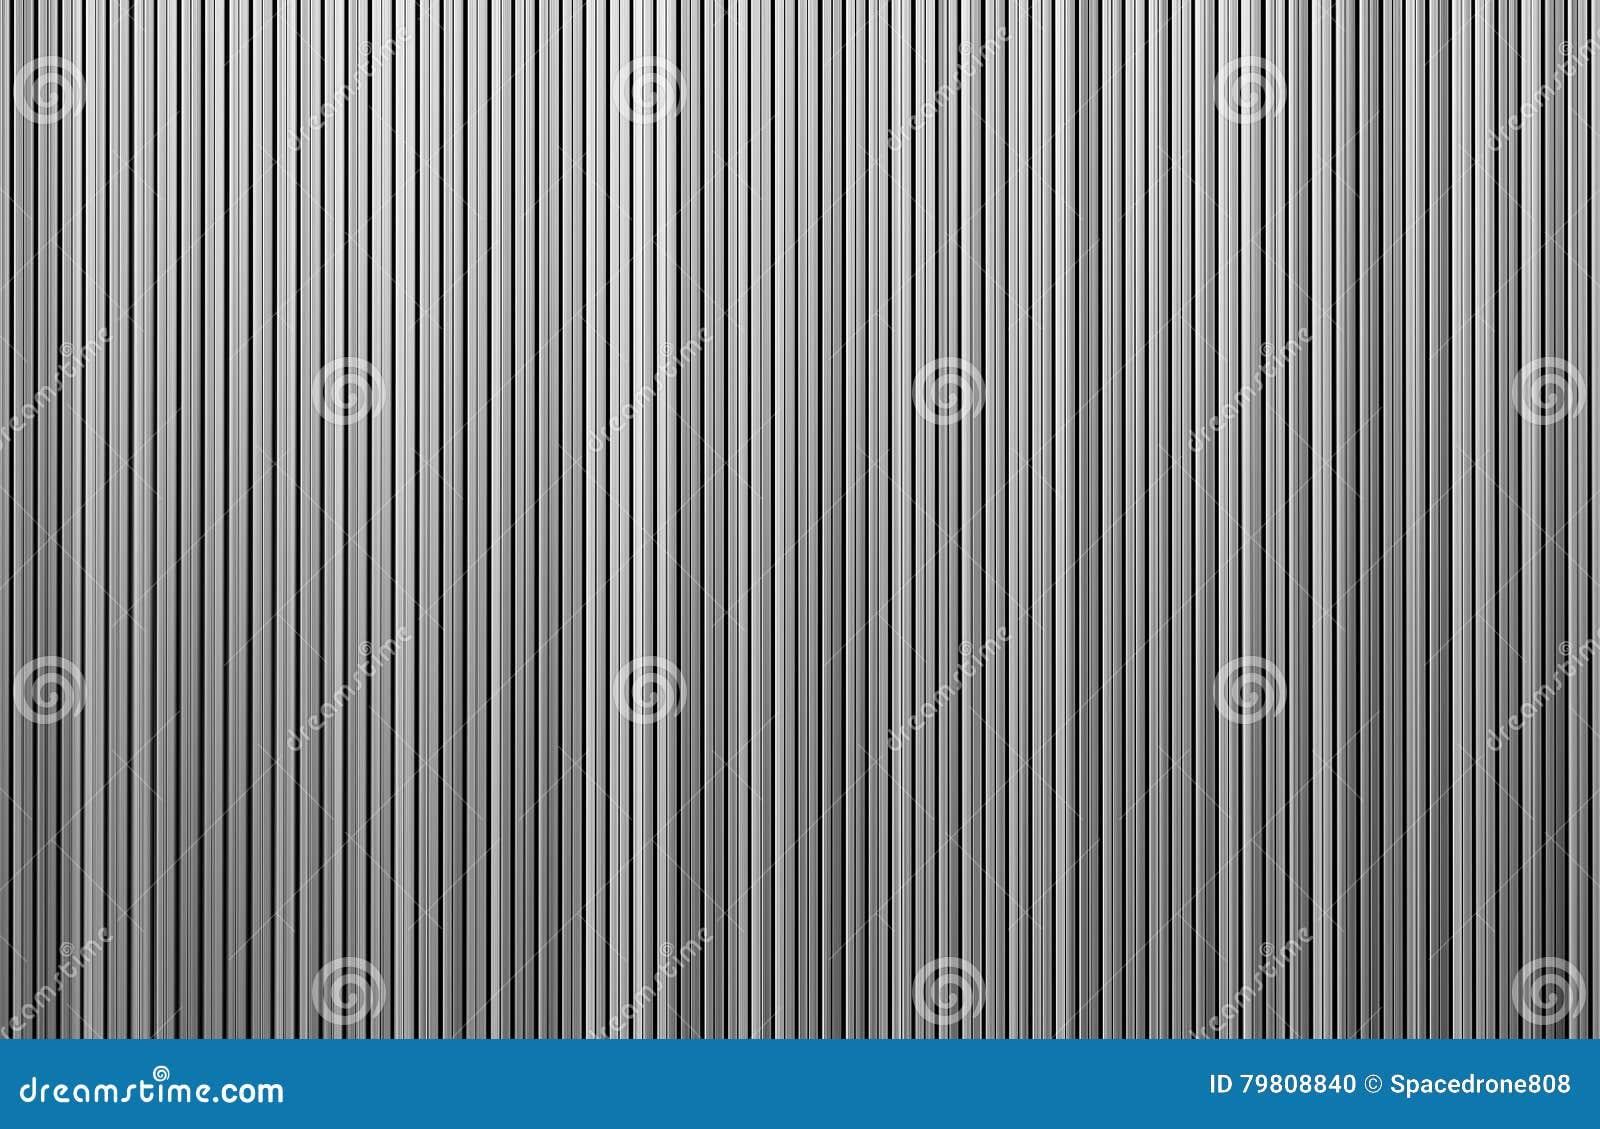 fondo blanco y negro vertical de las cortinas stock de ilustracin